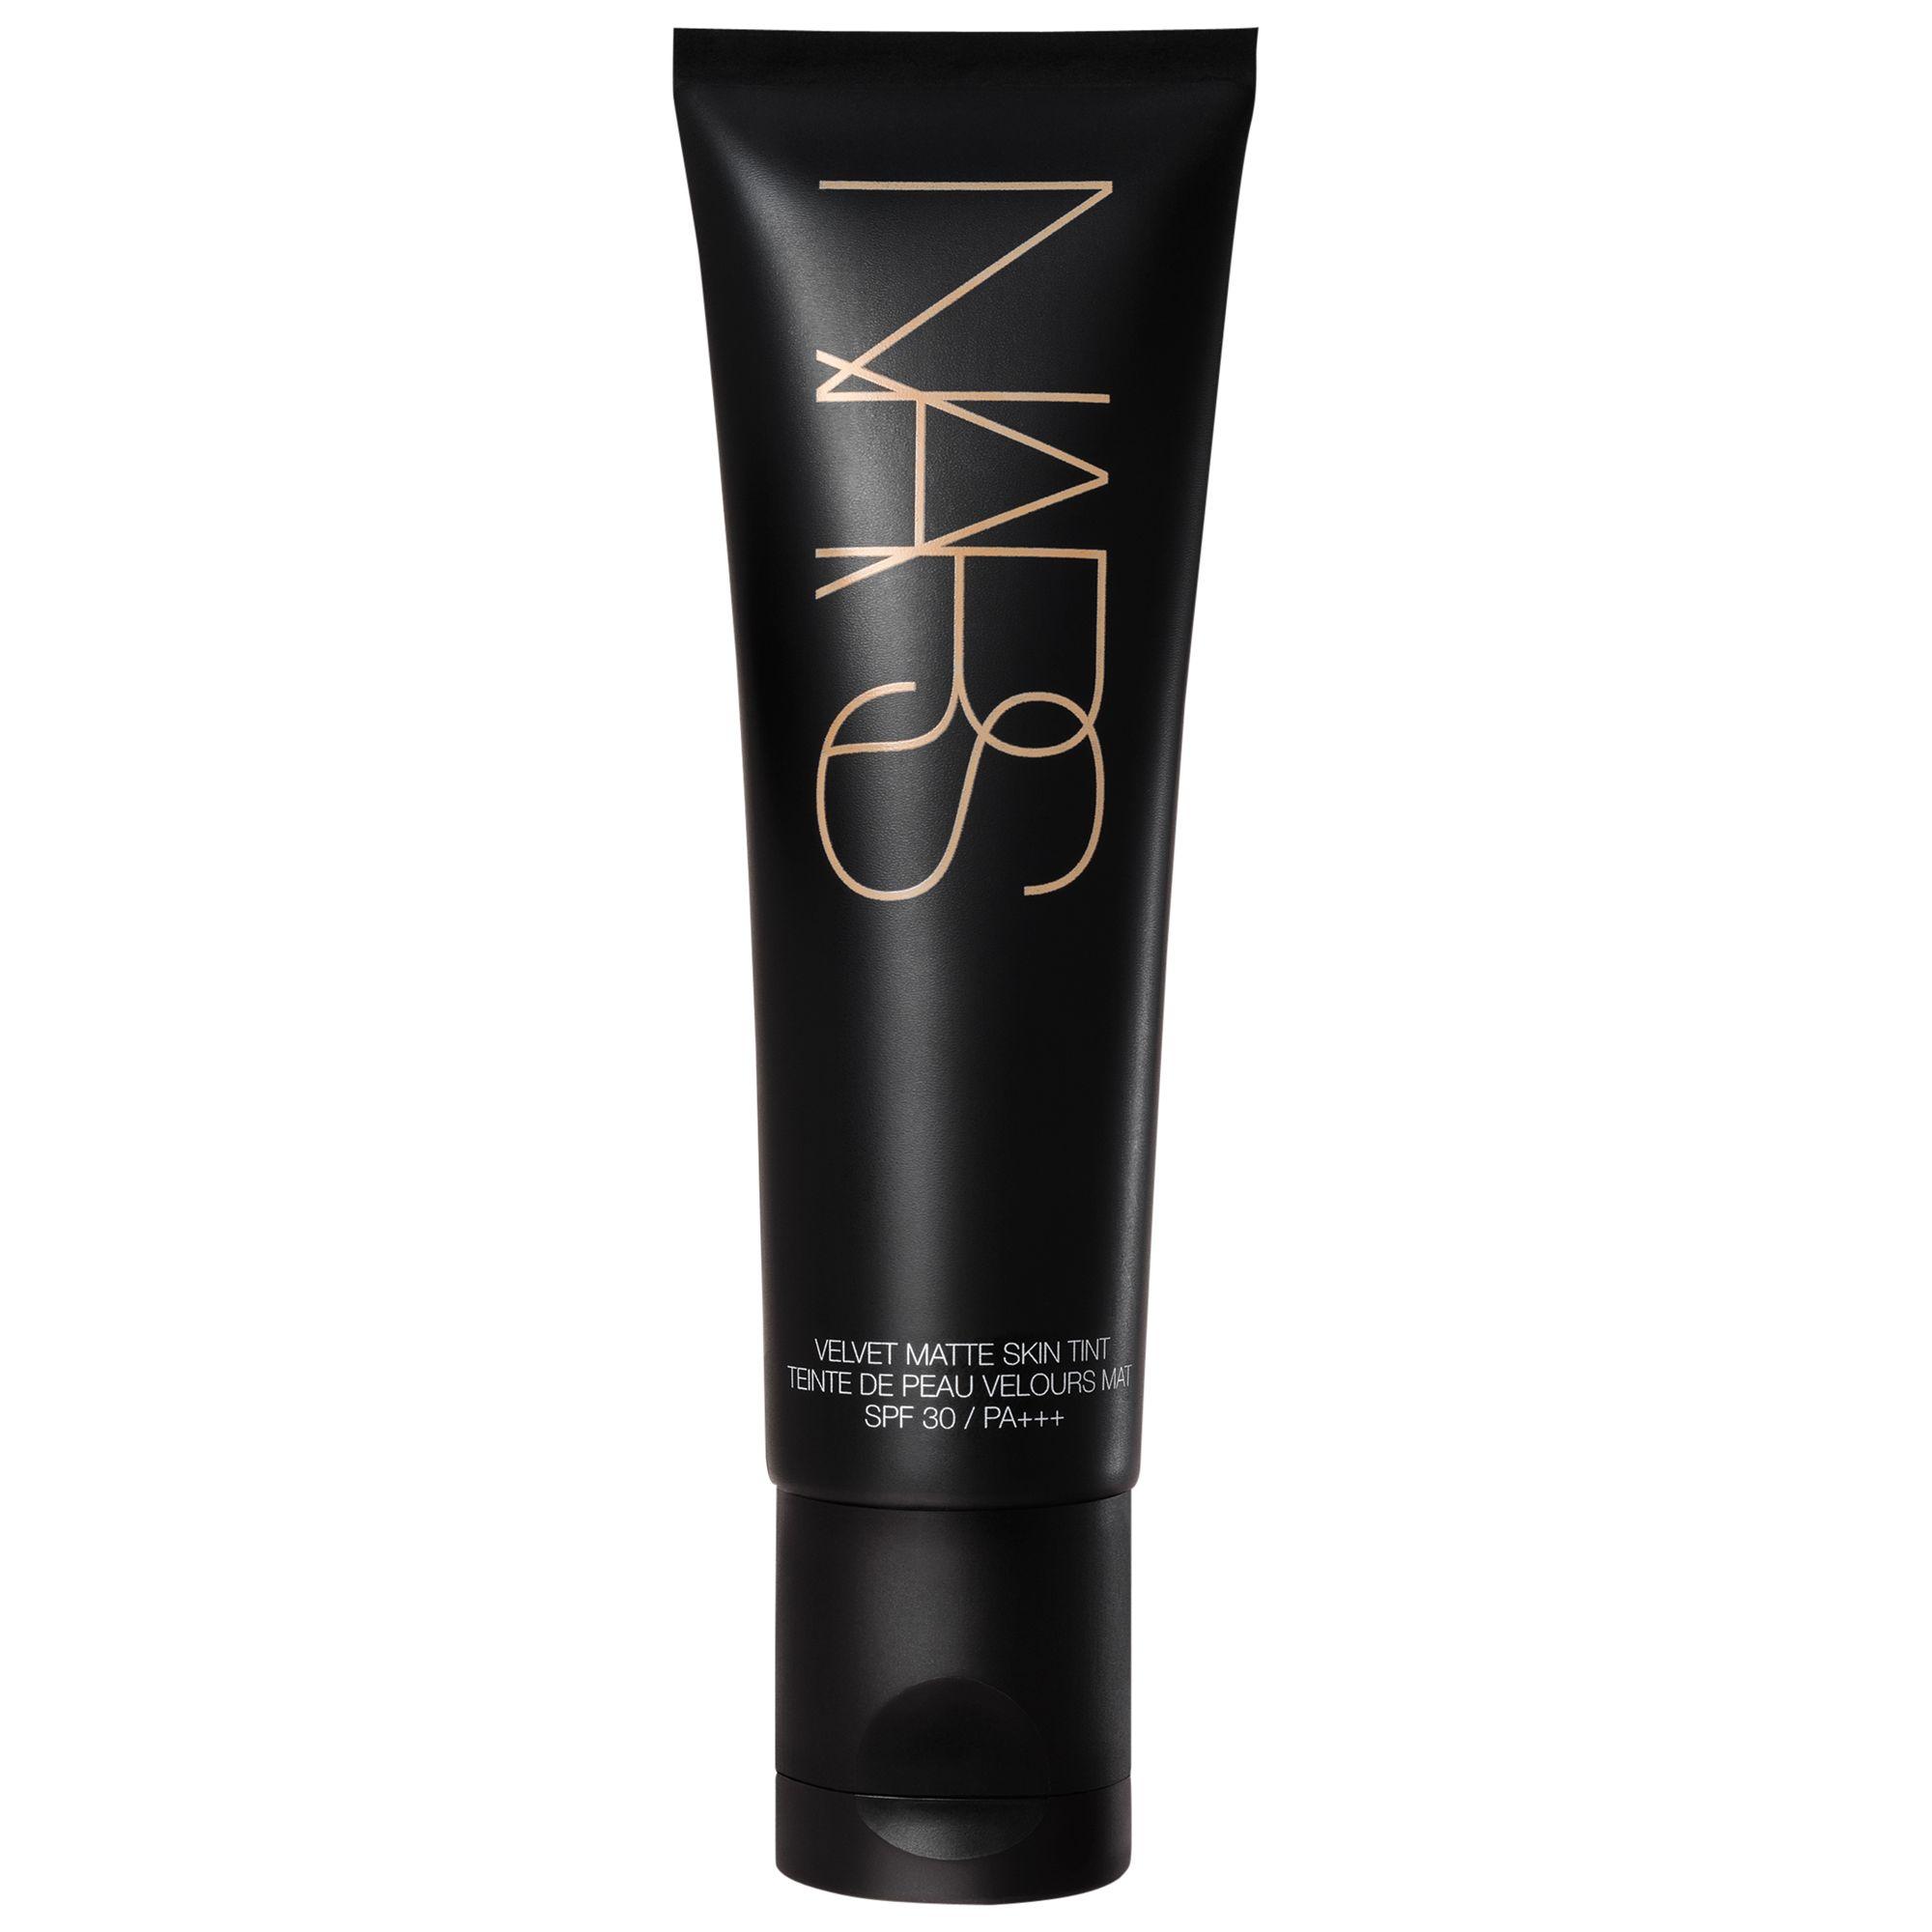 NARS NARS Velvet Matte Skin Tint SPF30 / PA+++